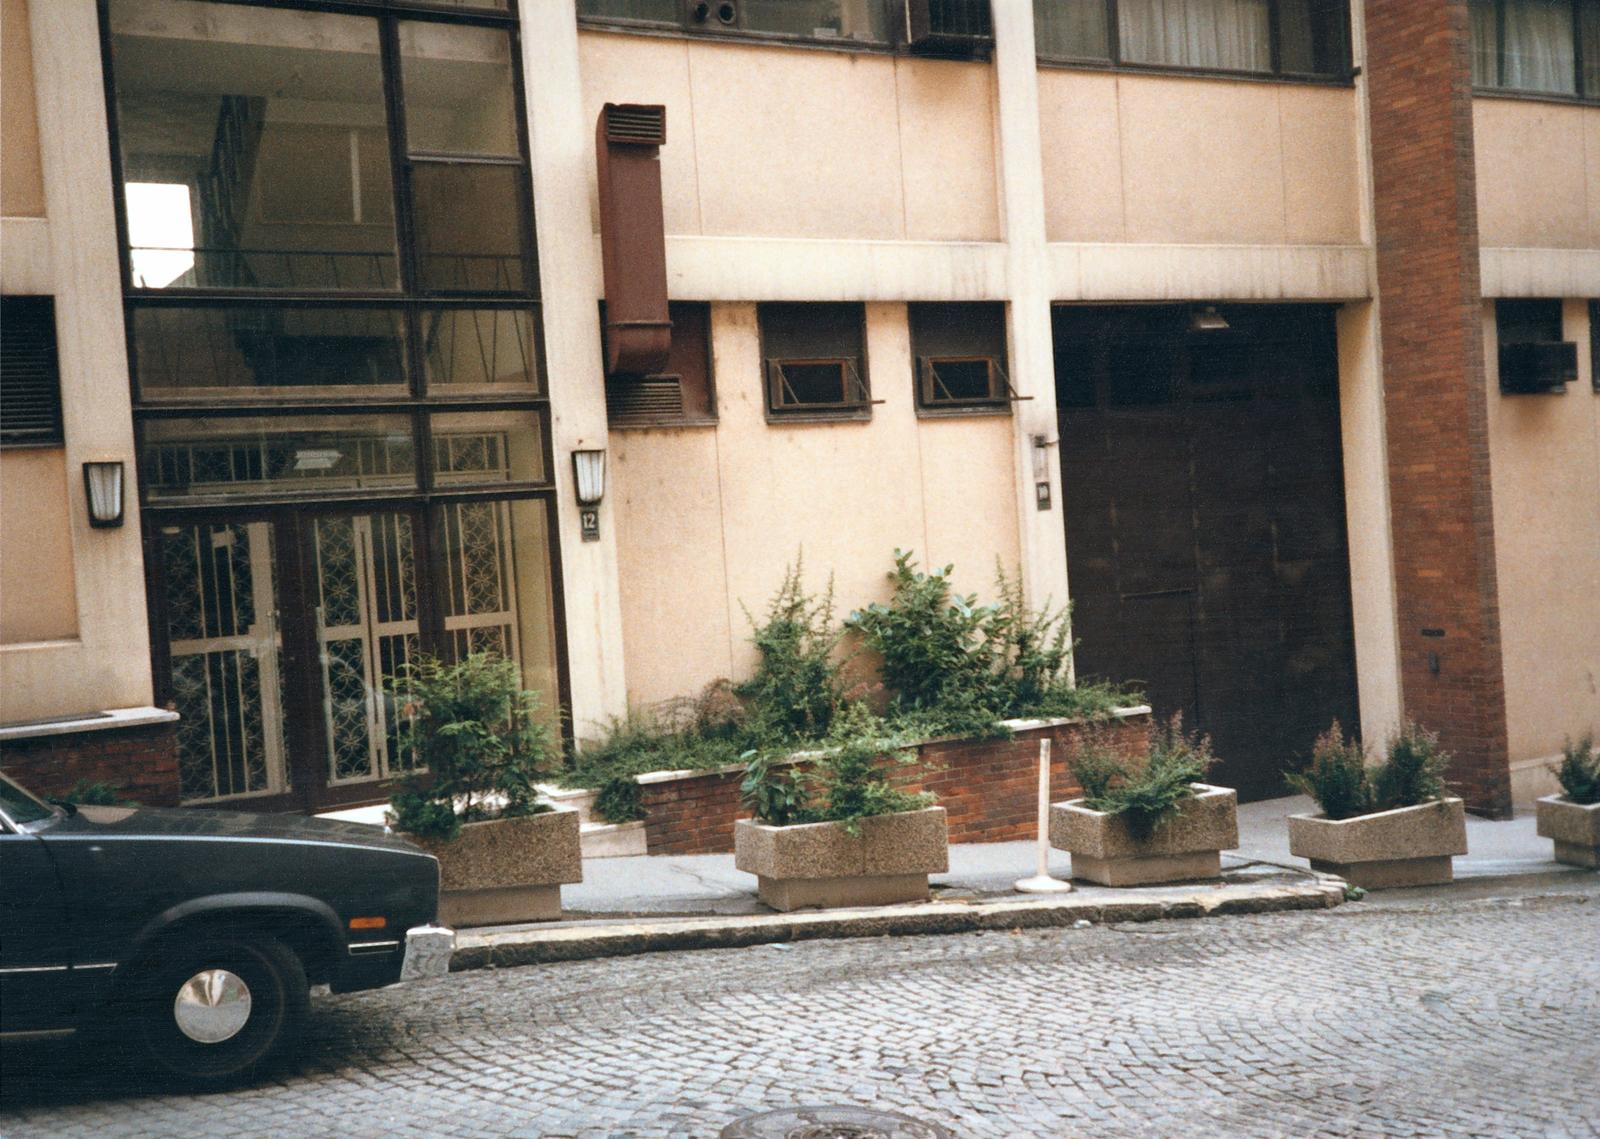 Belgrade - Multi-Unit Residential Building - 1986